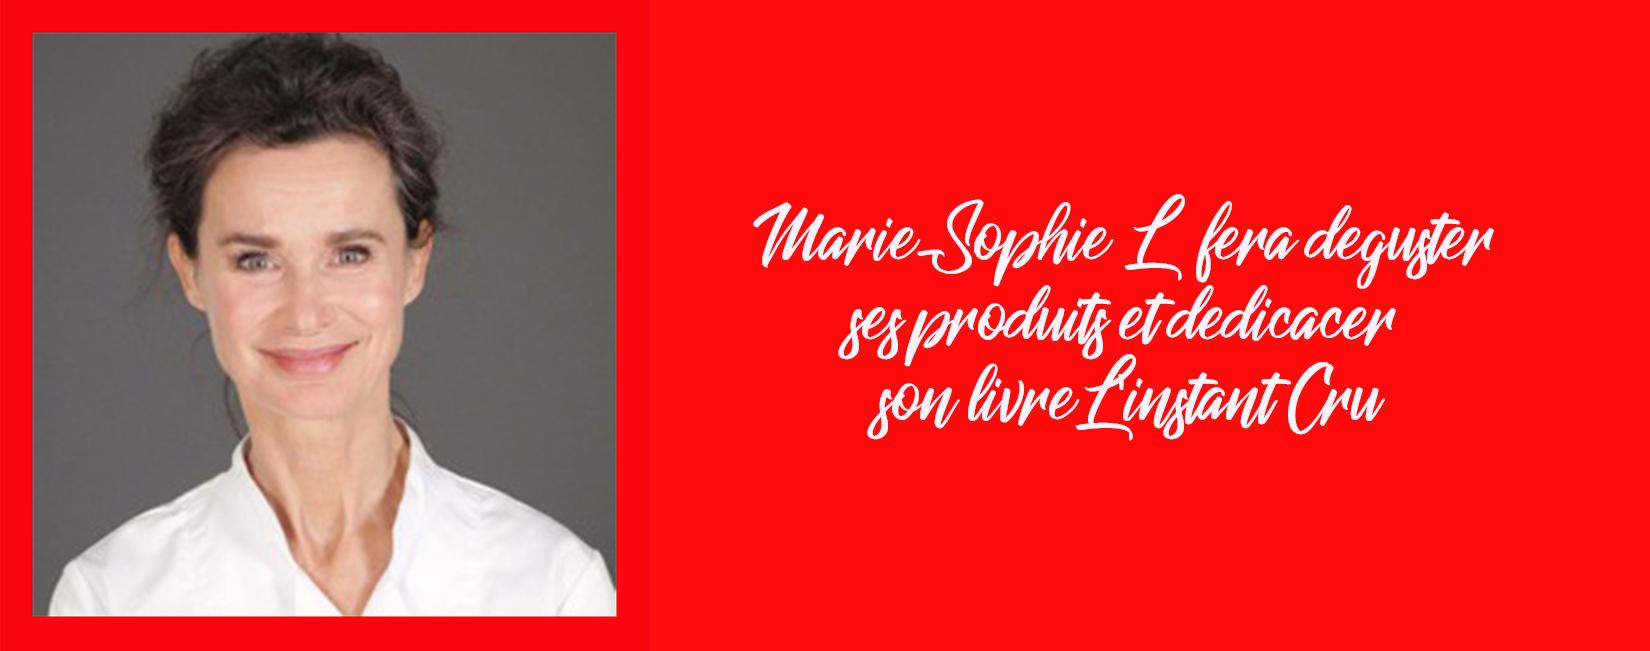 Marie-Sophie L